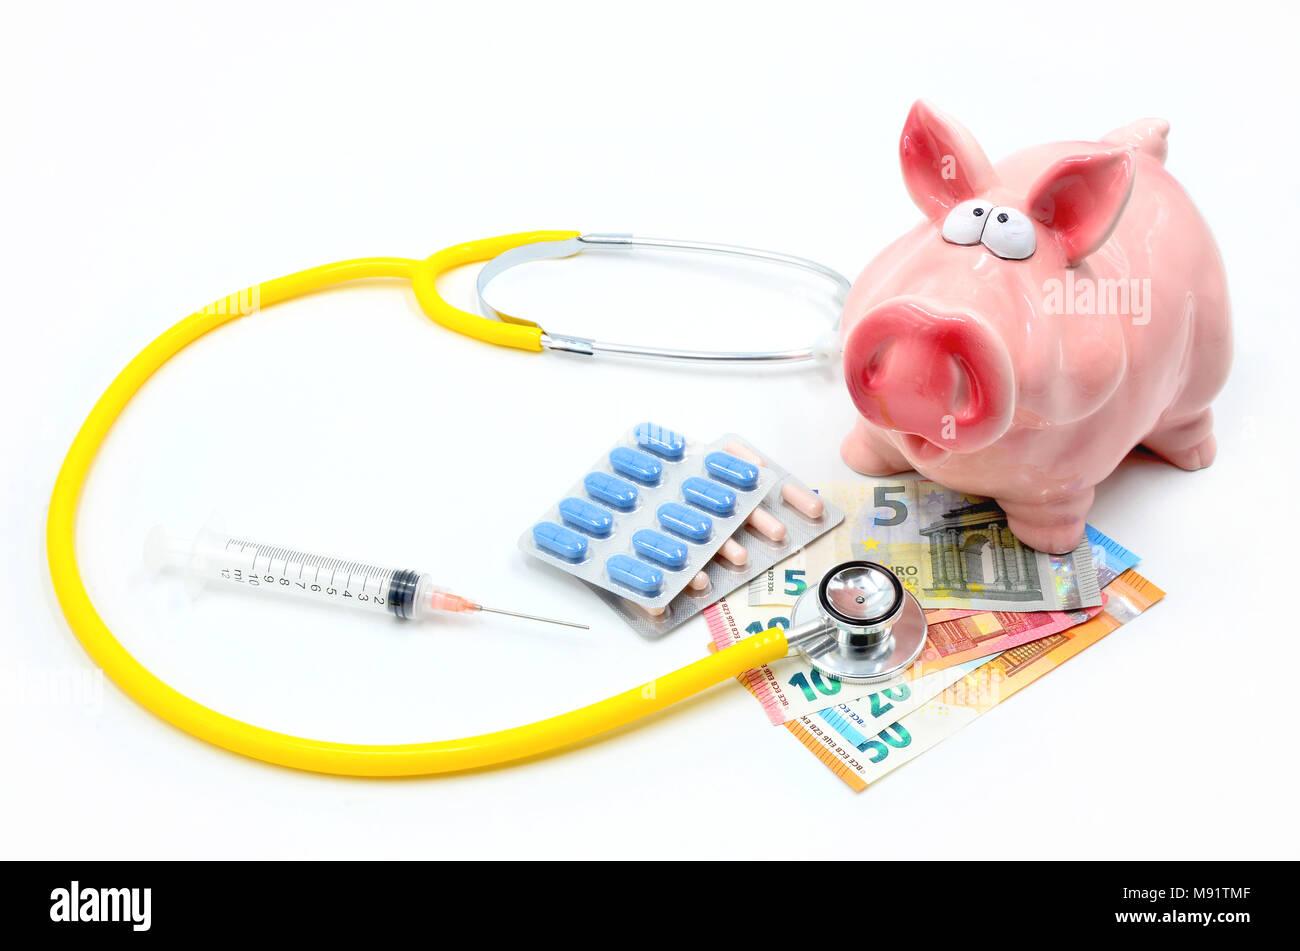 Sparschwein mit Stethoskop, Euro-Banknoten, Pillen und Spritzen isoliert Stockbild